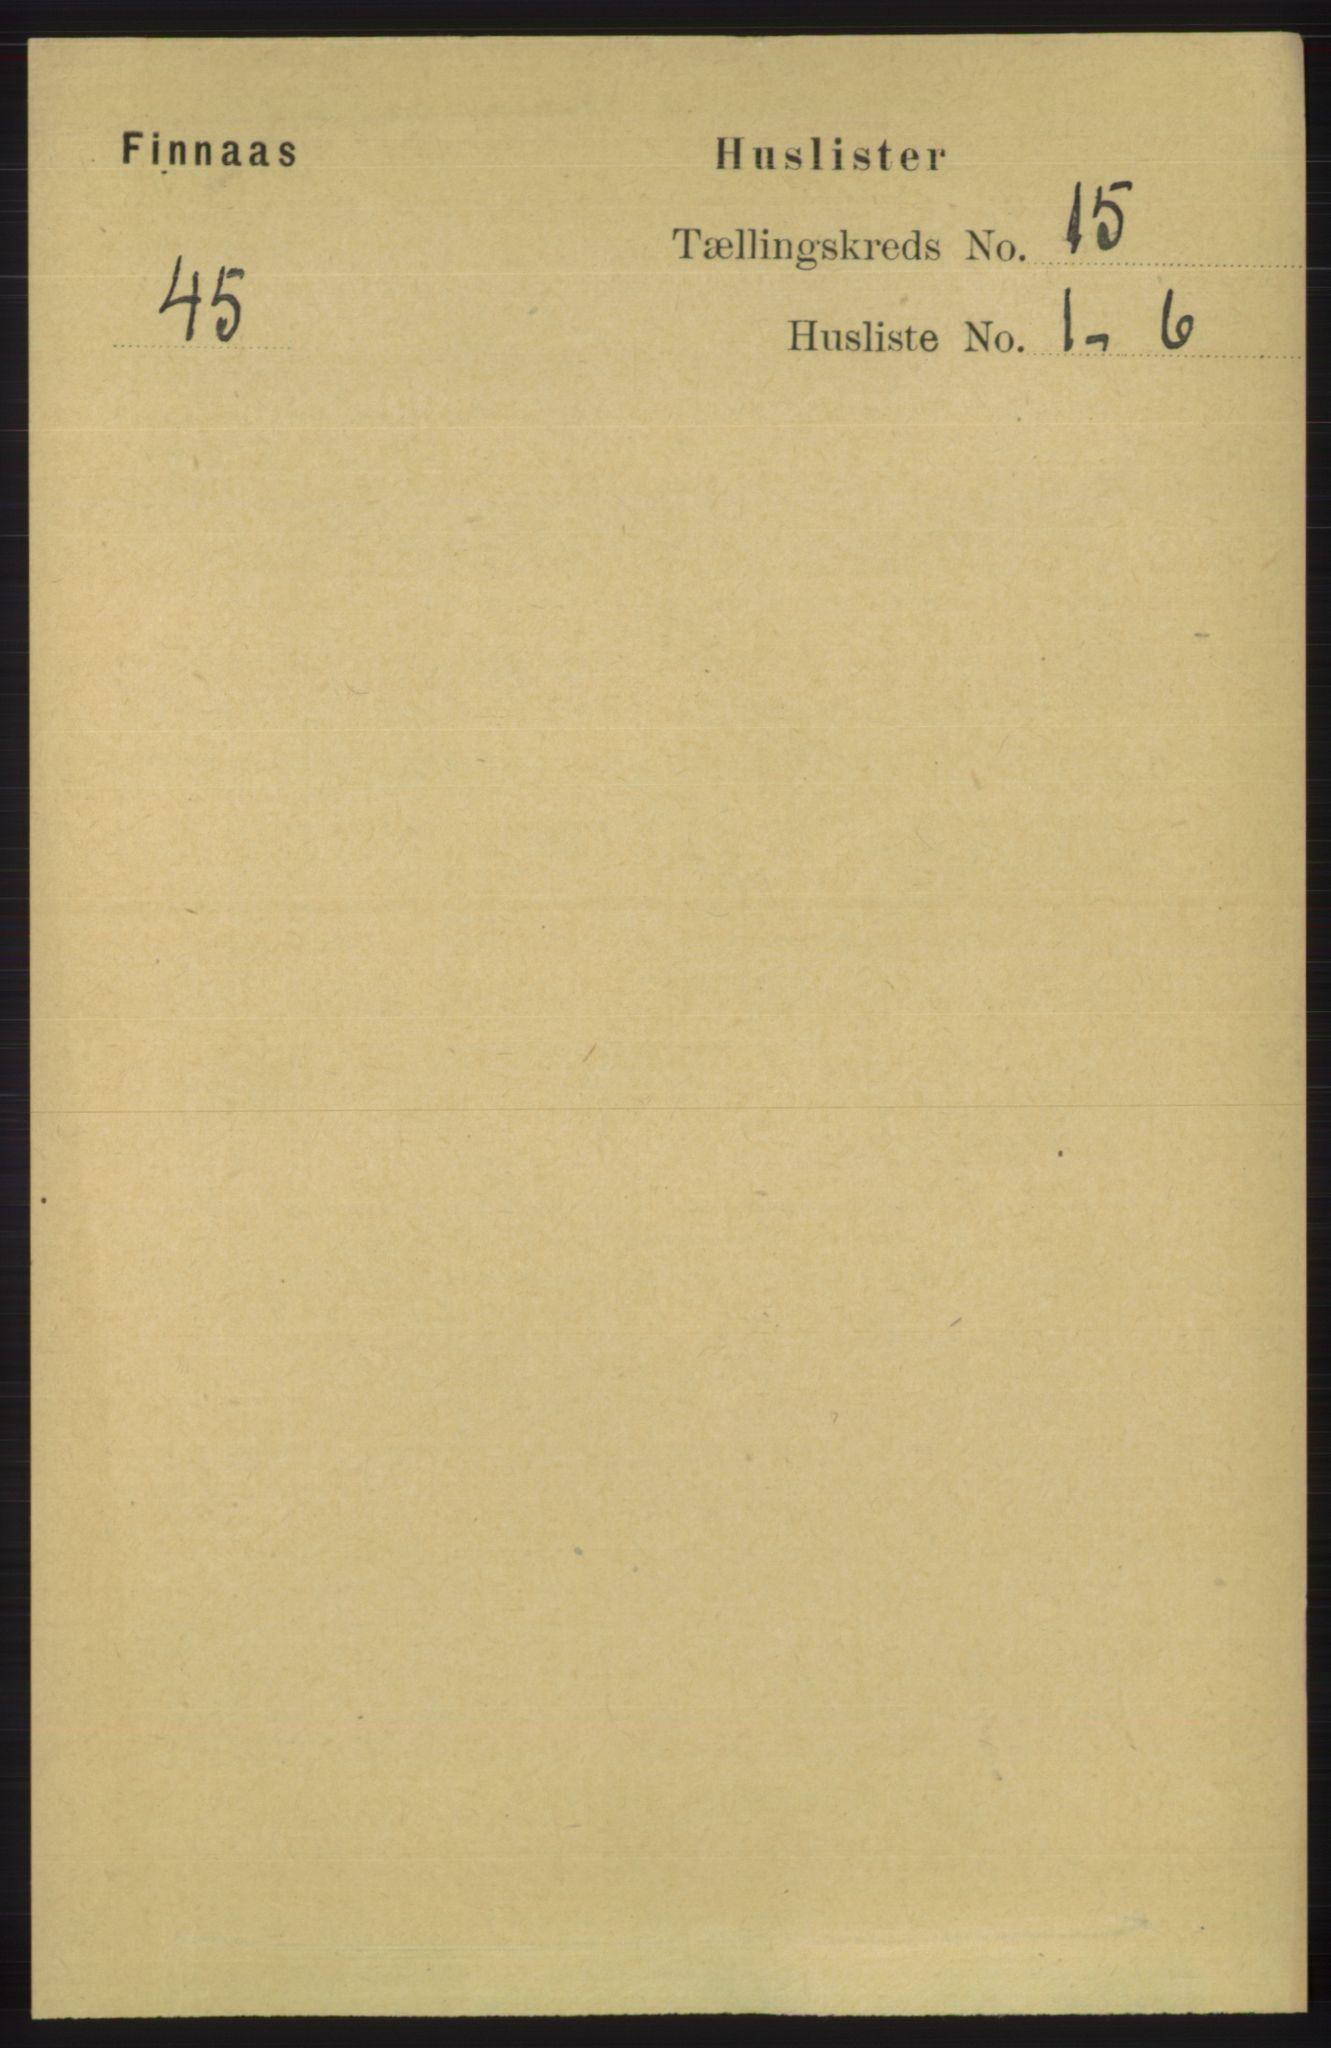 RA, Folketelling 1891 for 1218 Finnås herred, 1891, s. 5934